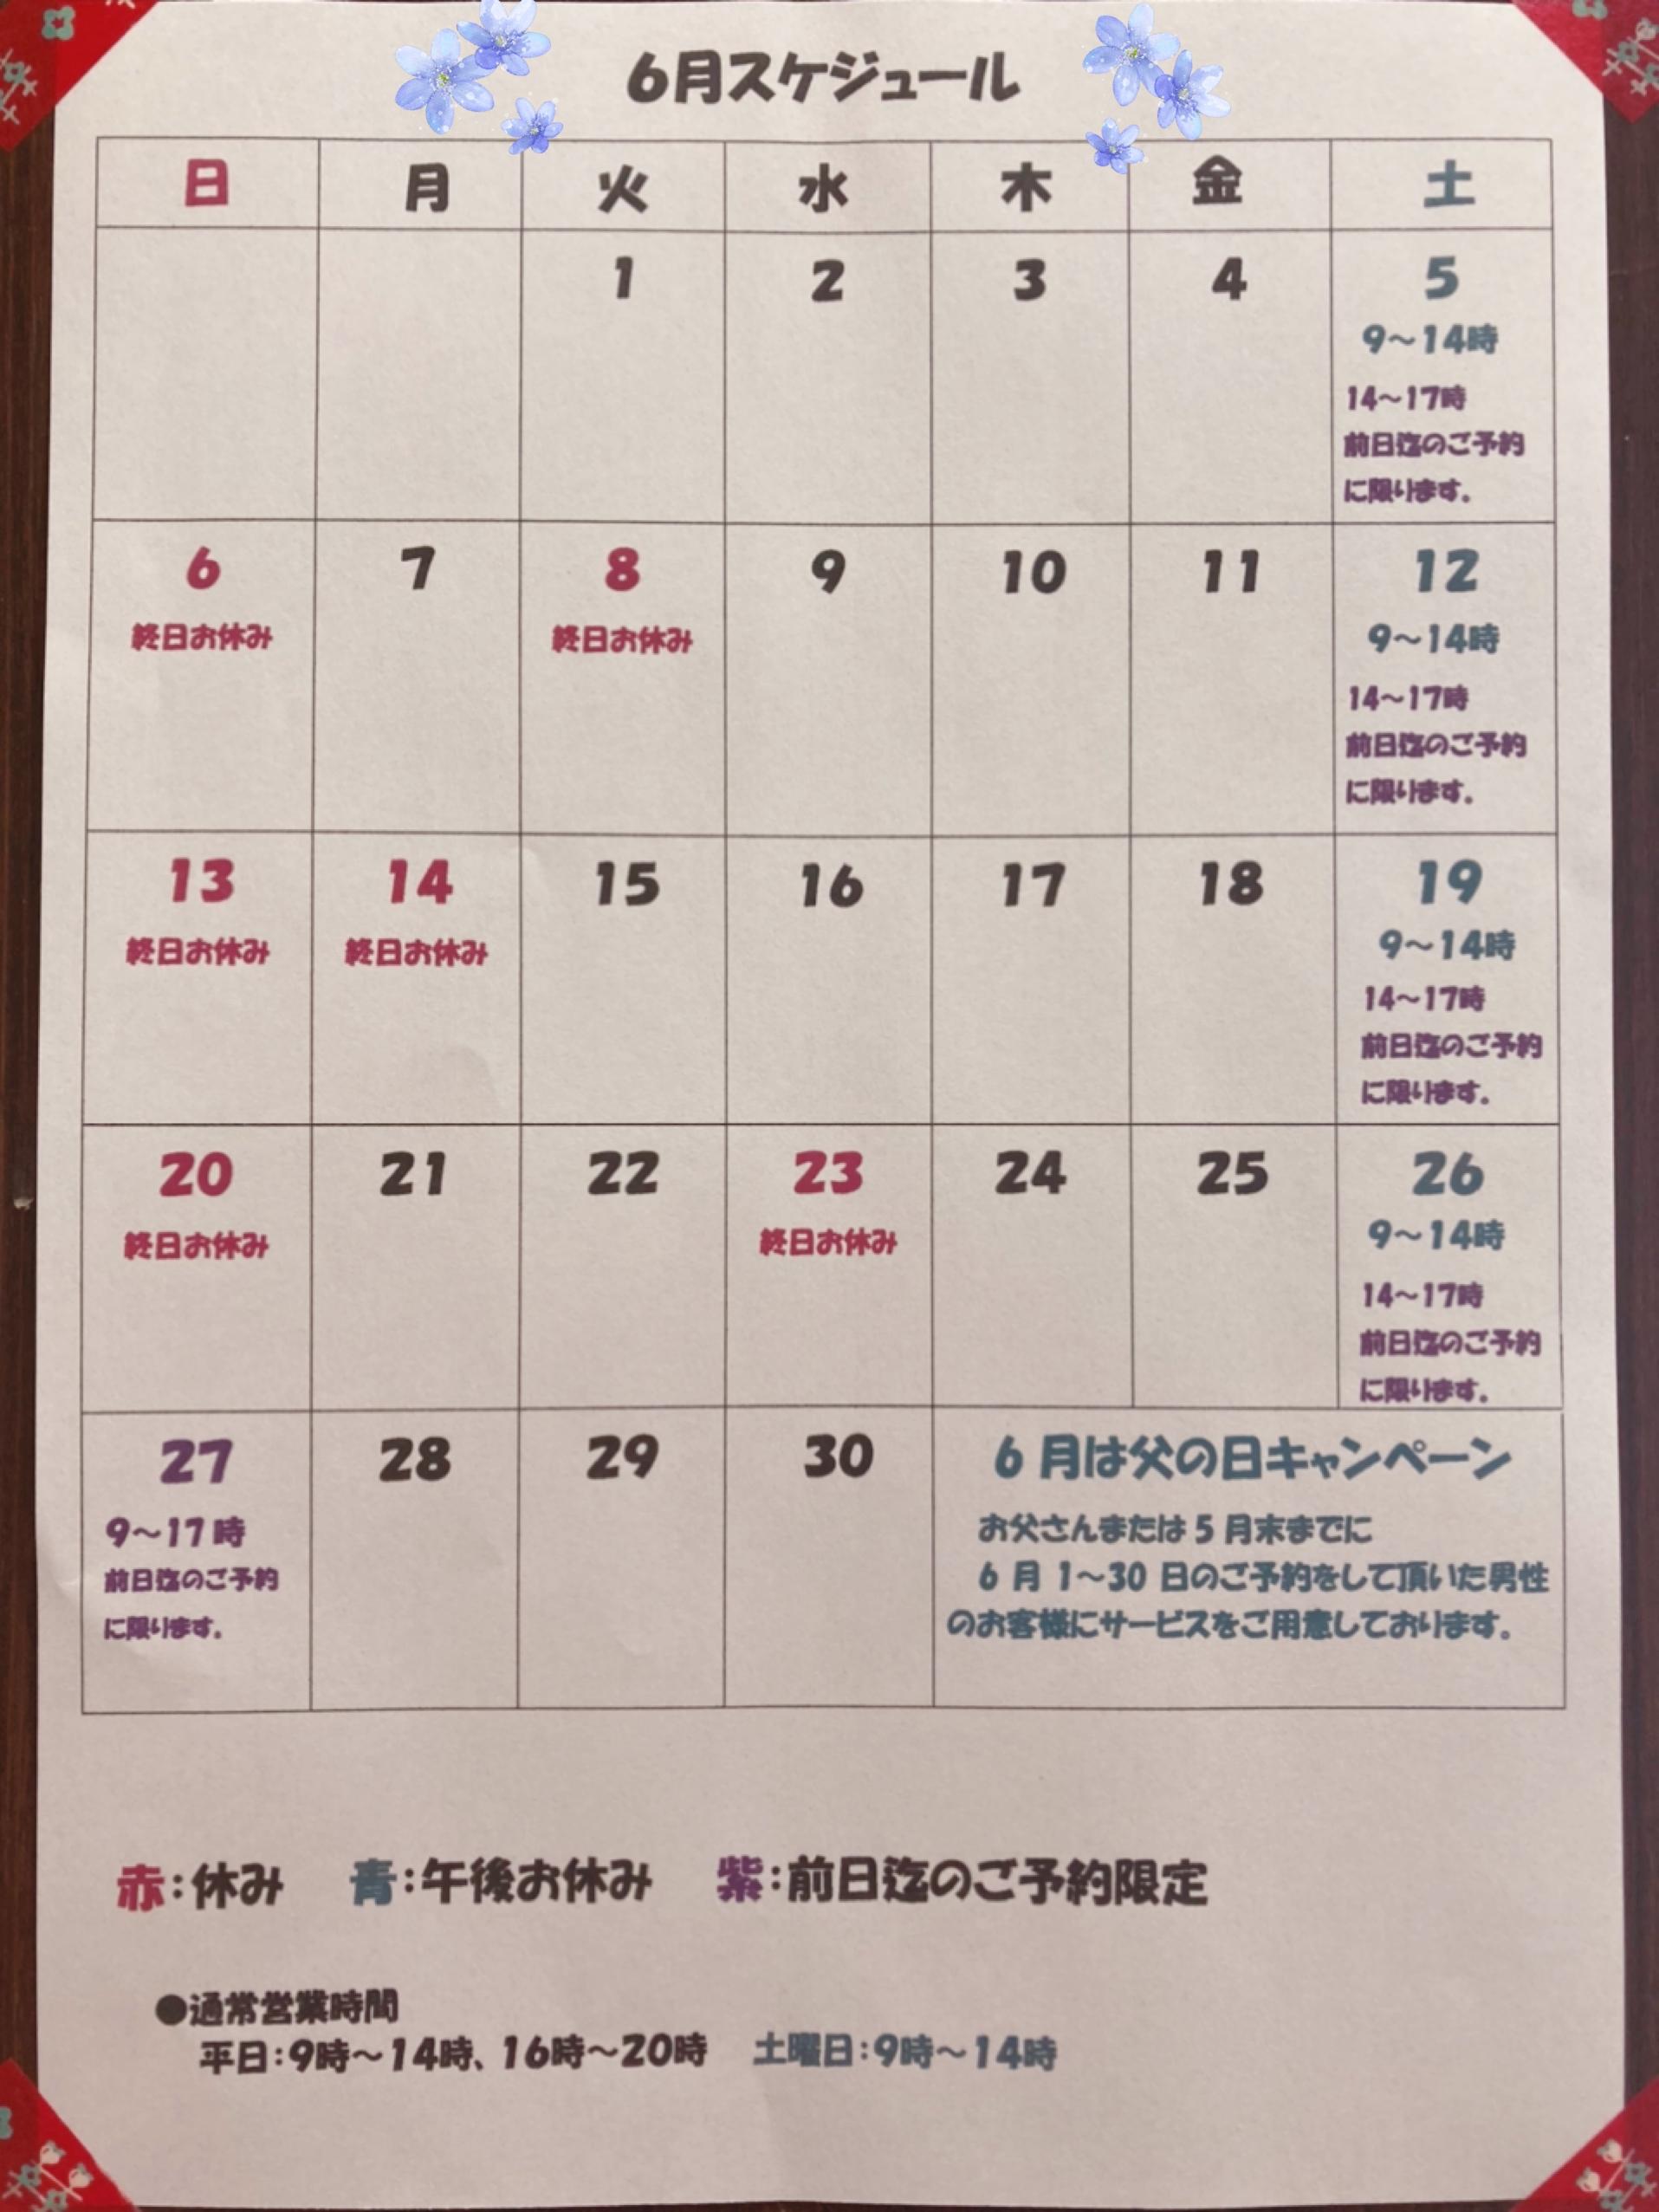 6月営業スケジュール